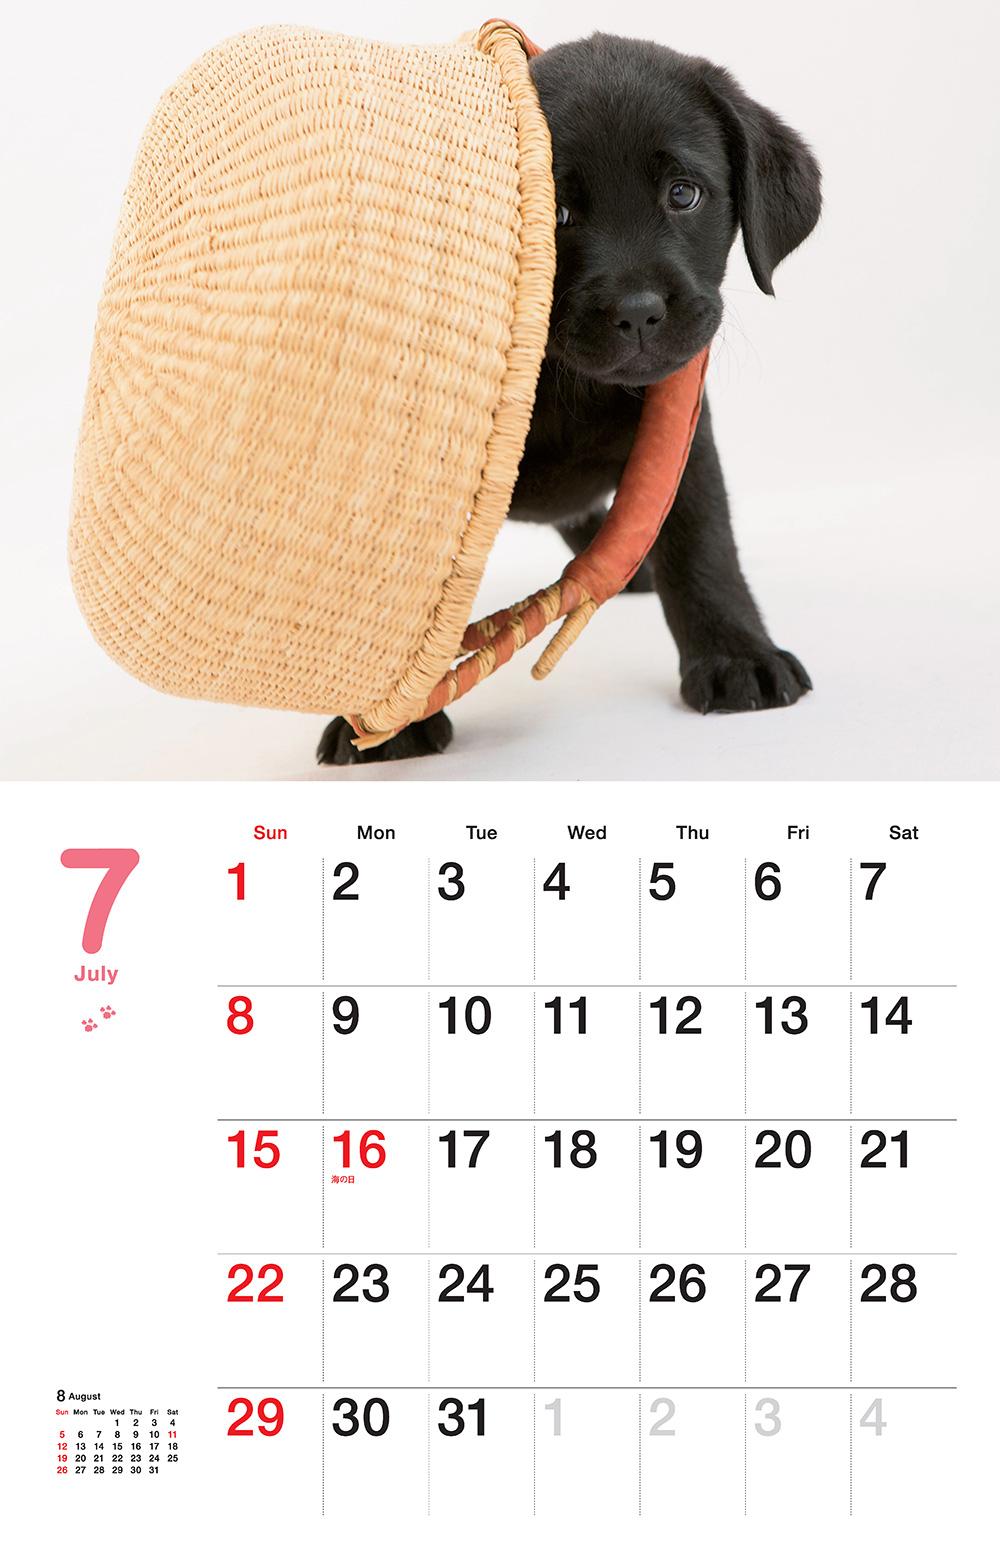 カレンダー2018 子犬の瞳